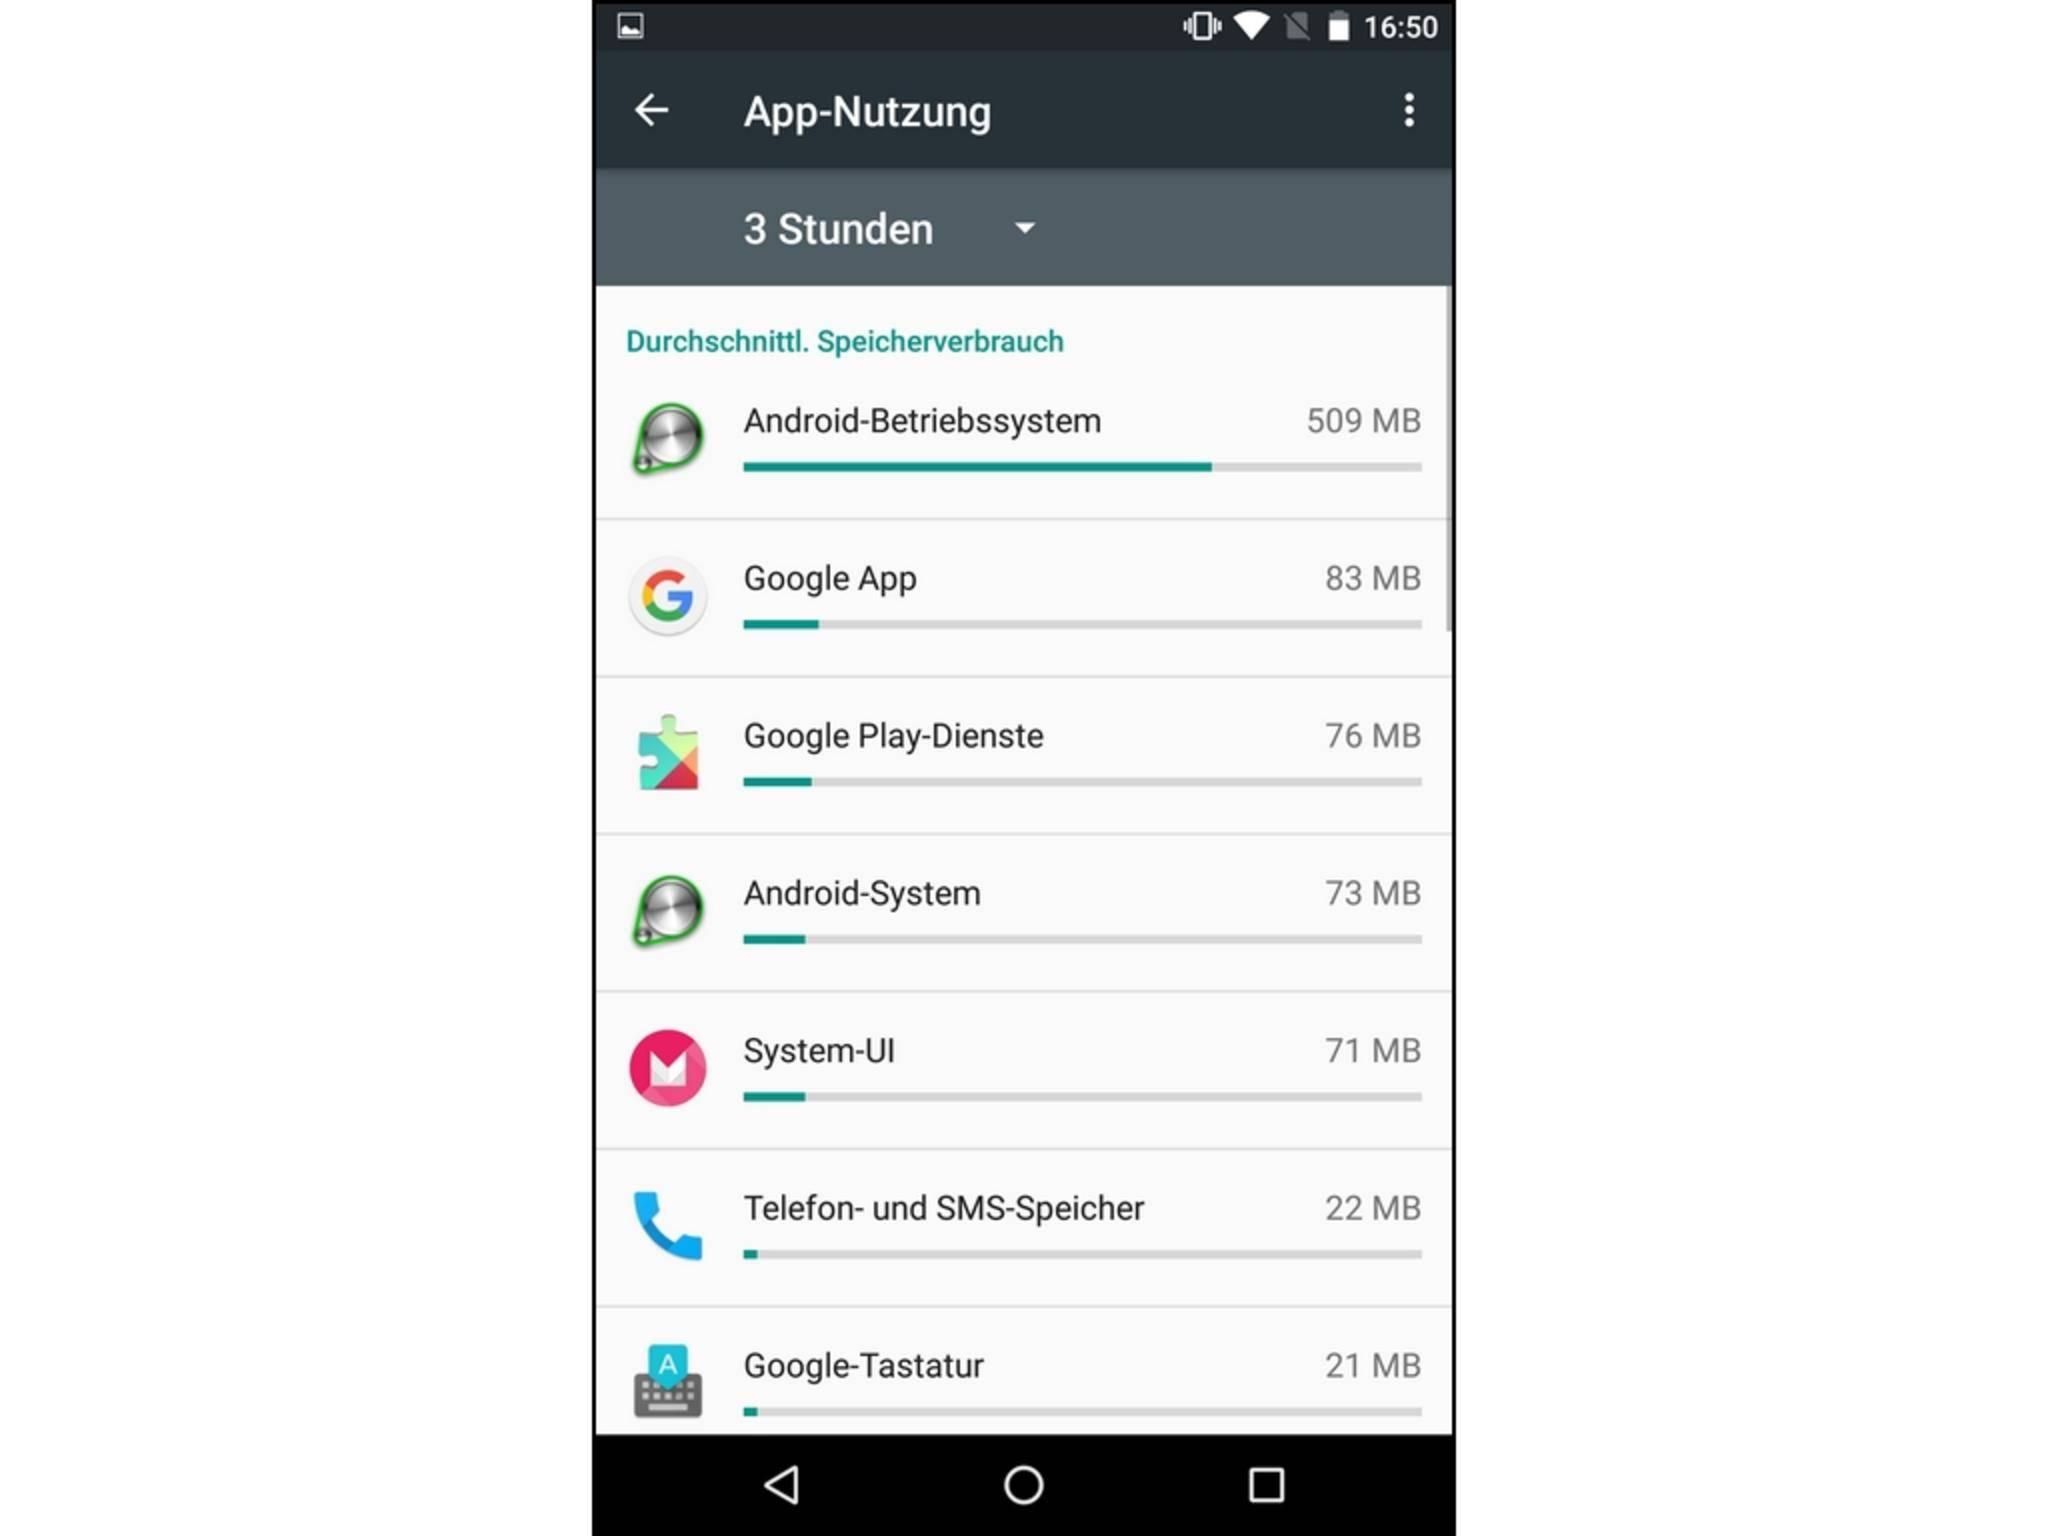 Zu hungrige Apps können deinstalliert oder deaktiviert werden.